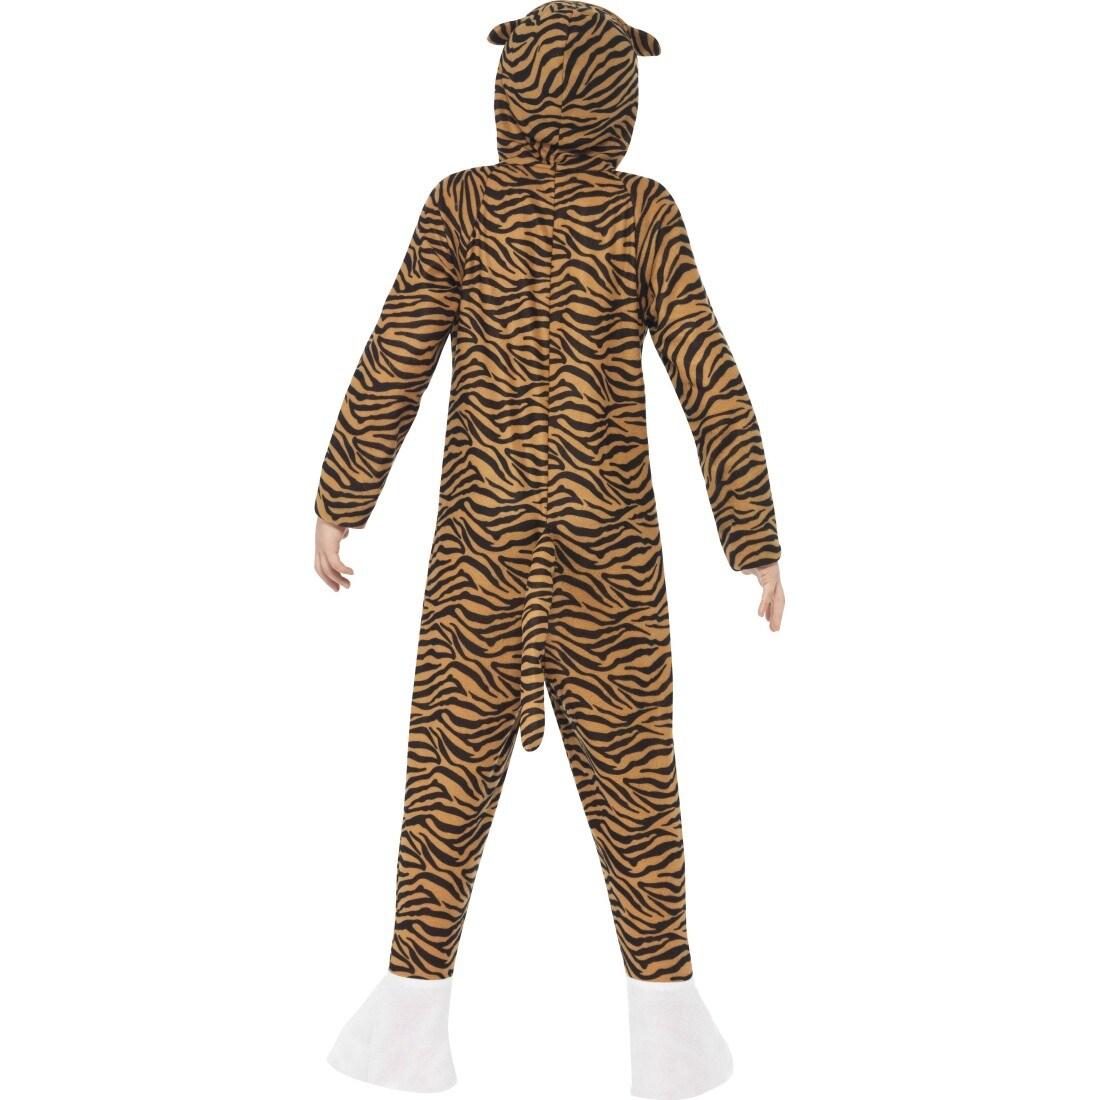 tigerkost m kind tiger jumpsuit 23 95. Black Bedroom Furniture Sets. Home Design Ideas